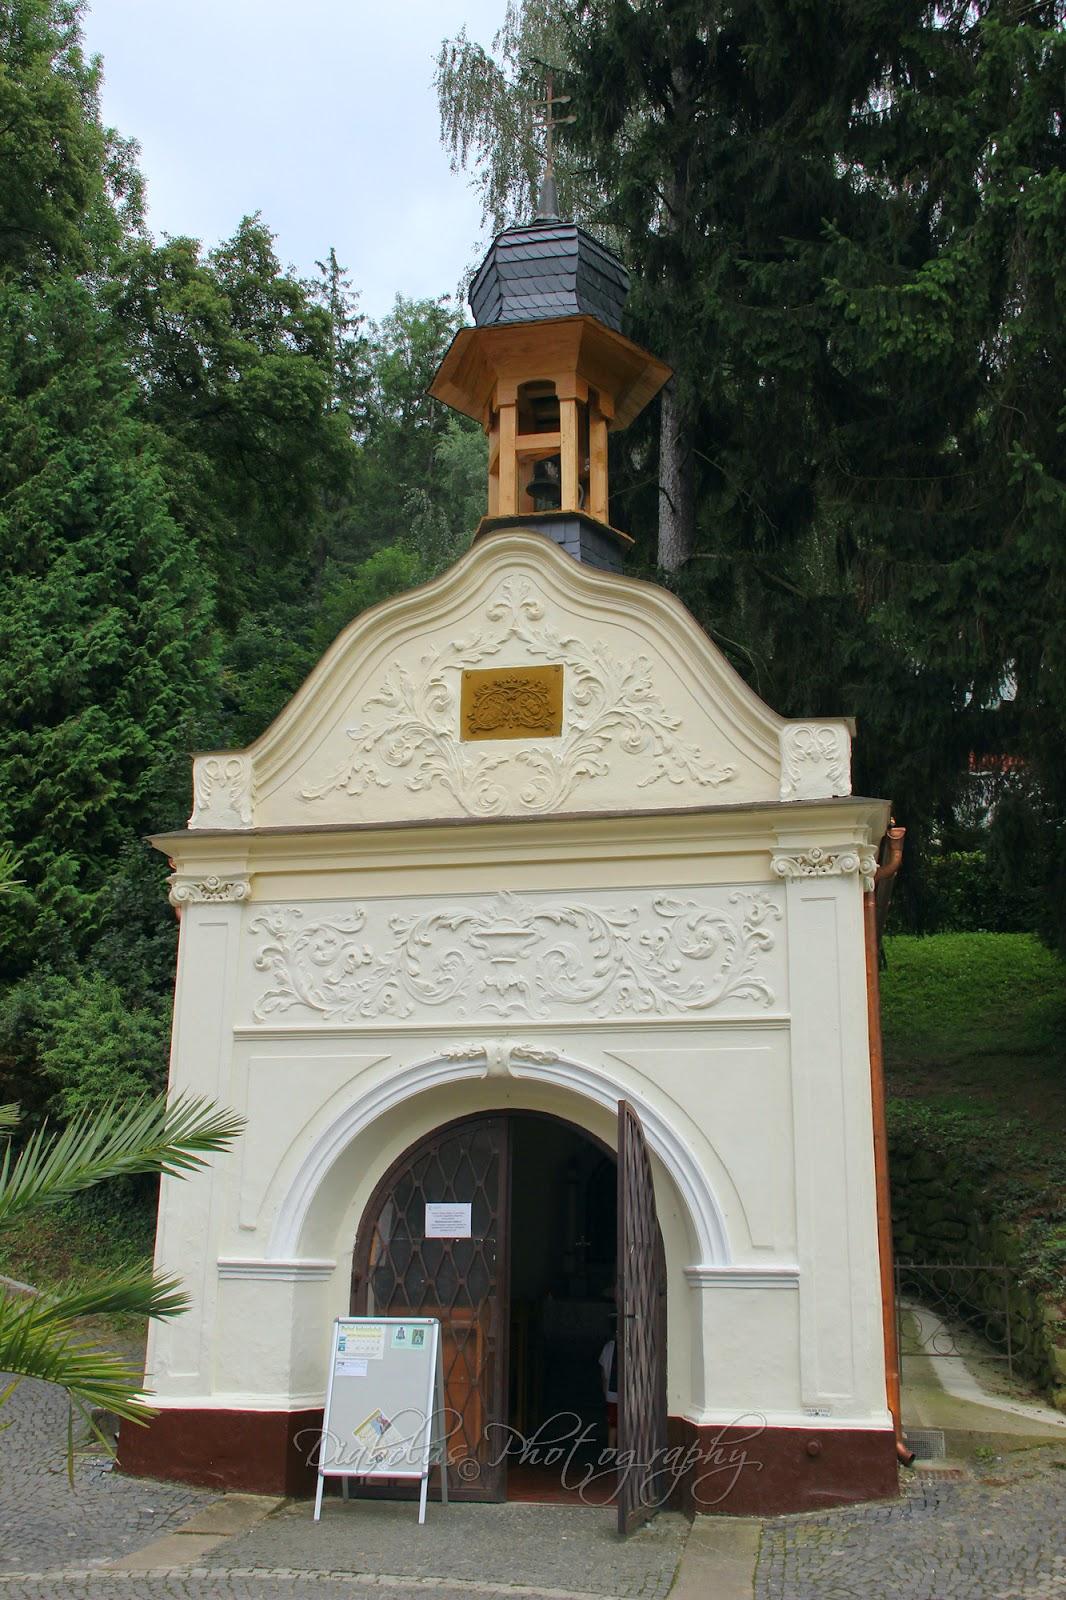 Kaple sv. Alžběty/The Chapel of St. Elizabeth